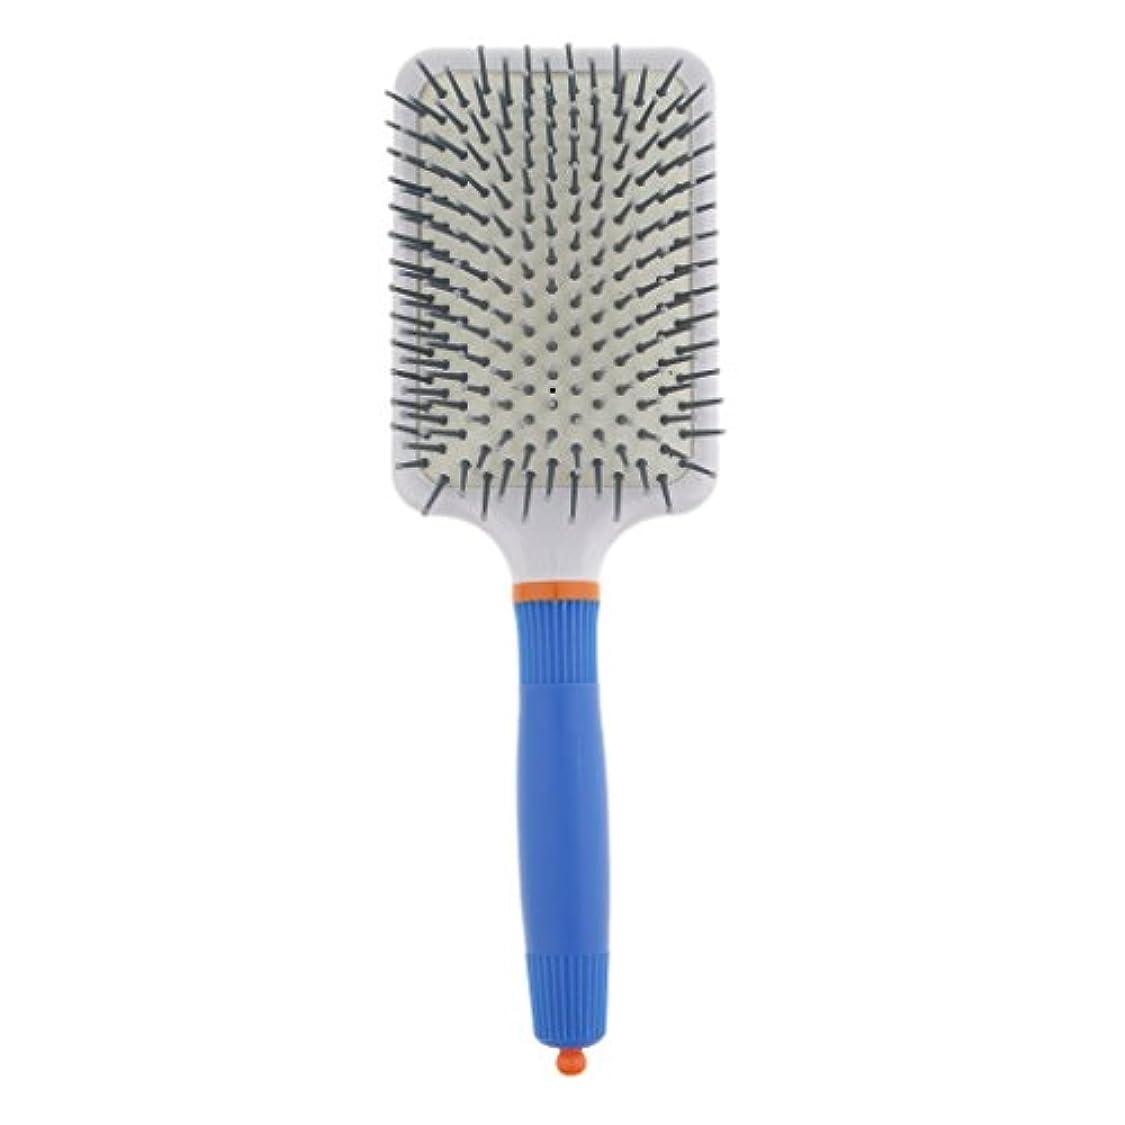 岸配管工懇願するプラスチック製 ブラシ 頭皮マッサージブラシ フラットヘアブラシ 櫛 静電気防止 全2色 - ダークブルー